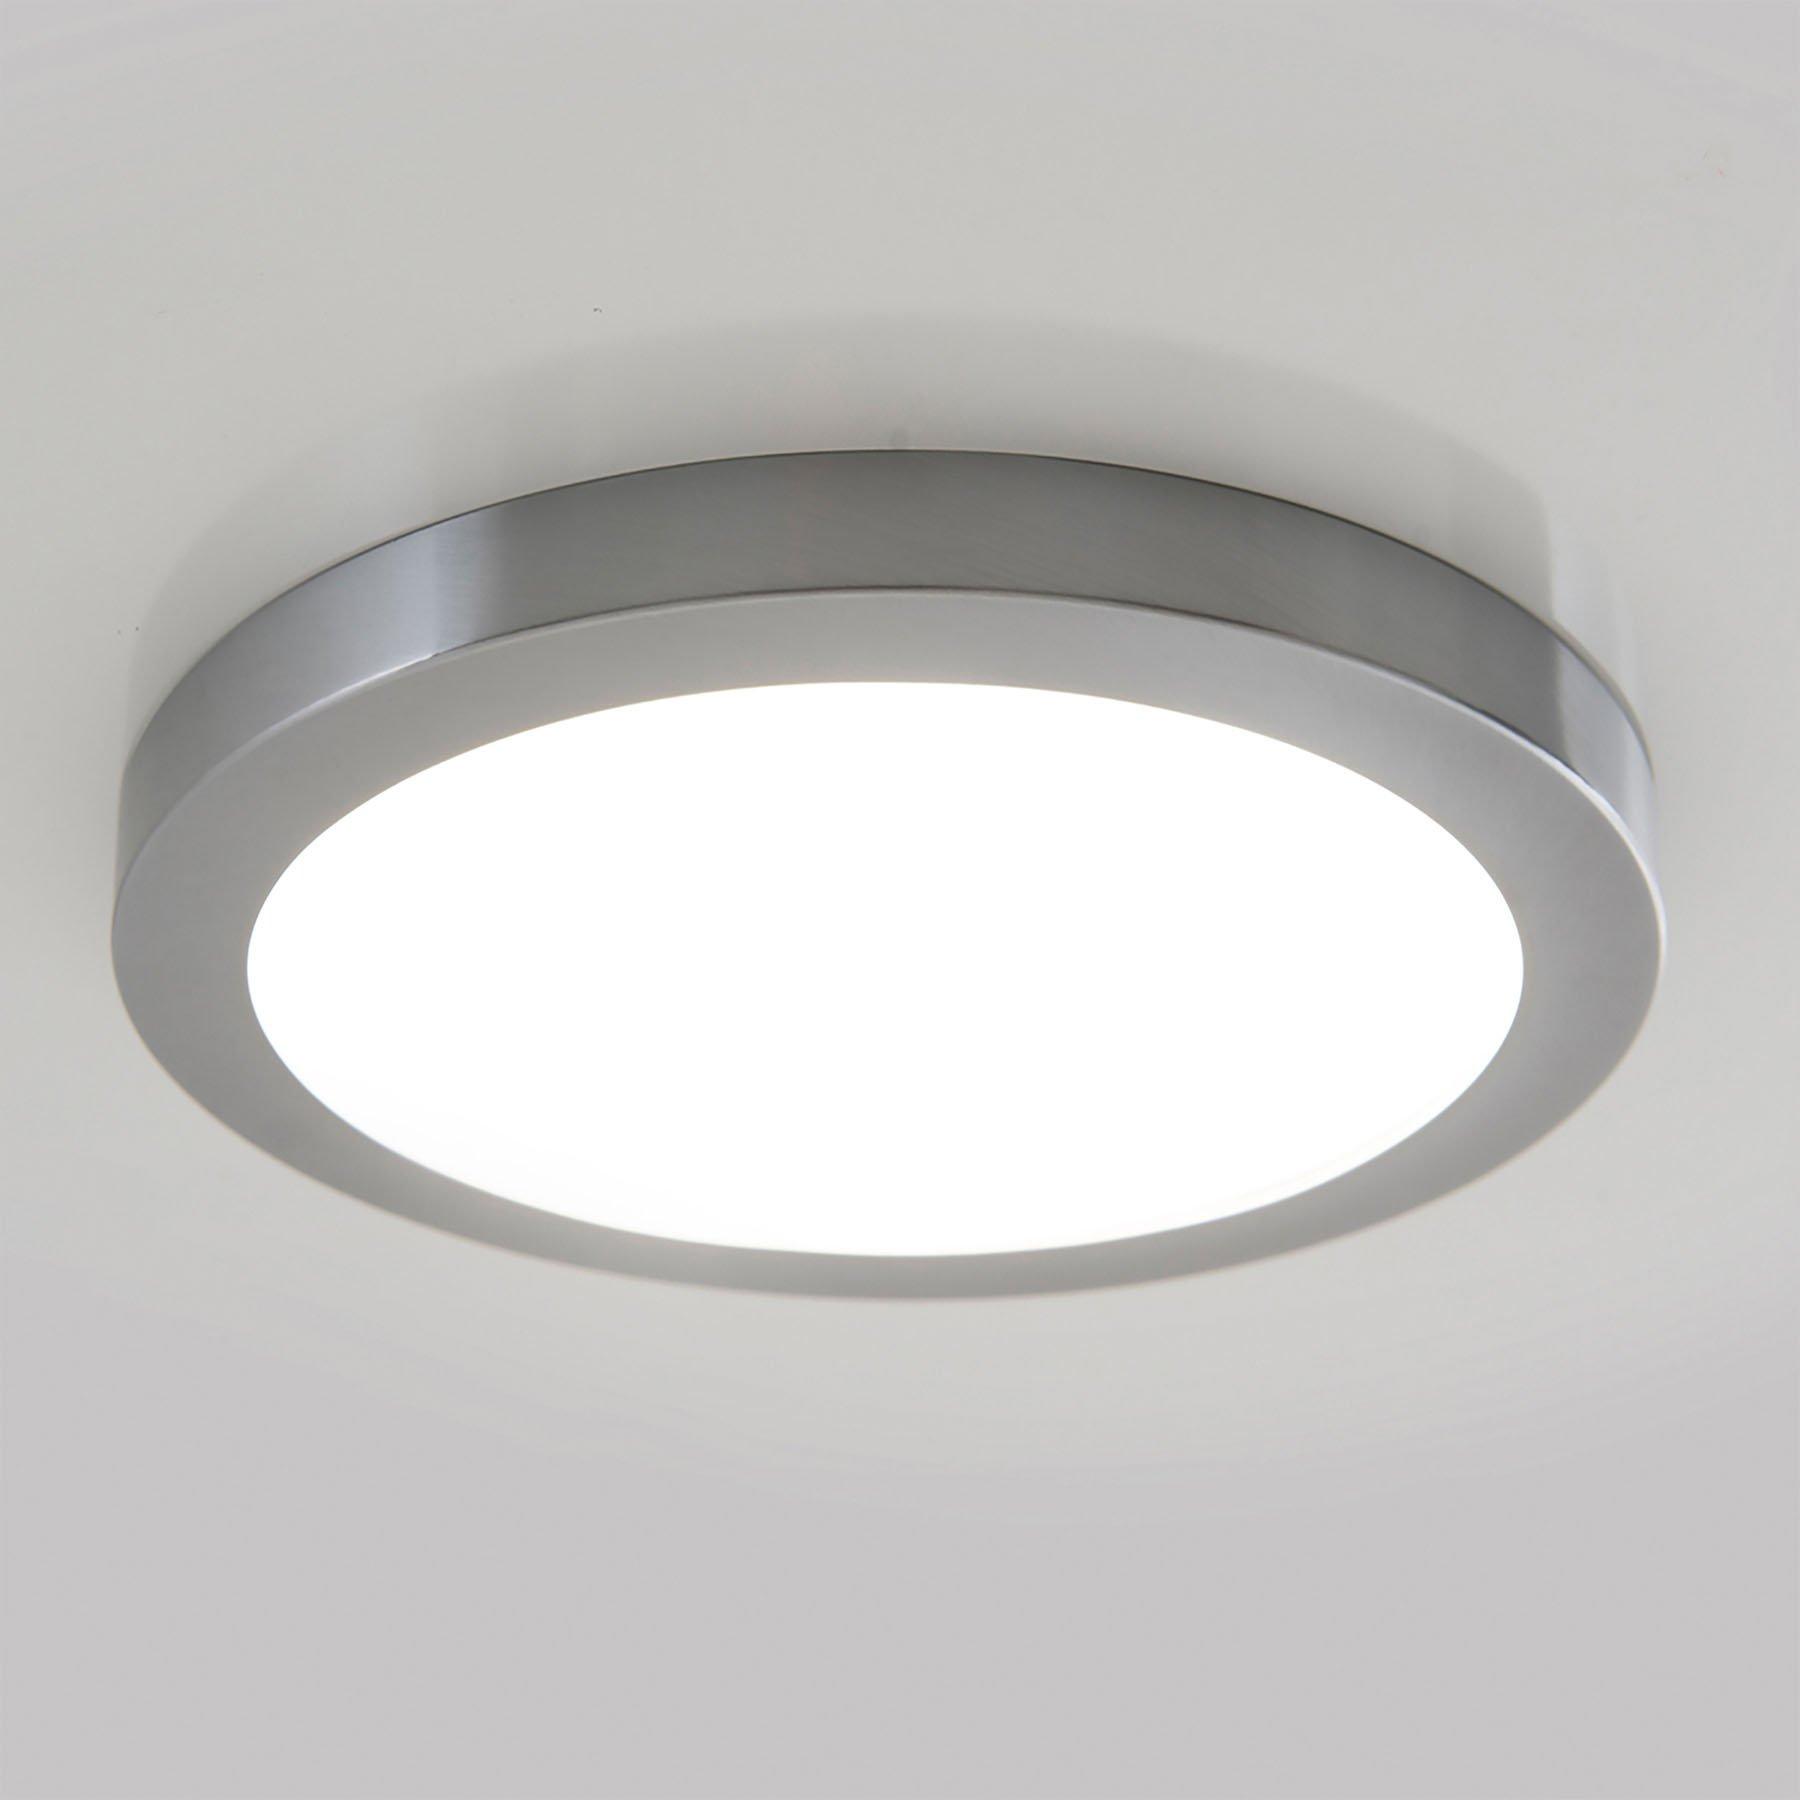 Bonus LED-taklampe med magnetring, Ø 22,5 cm